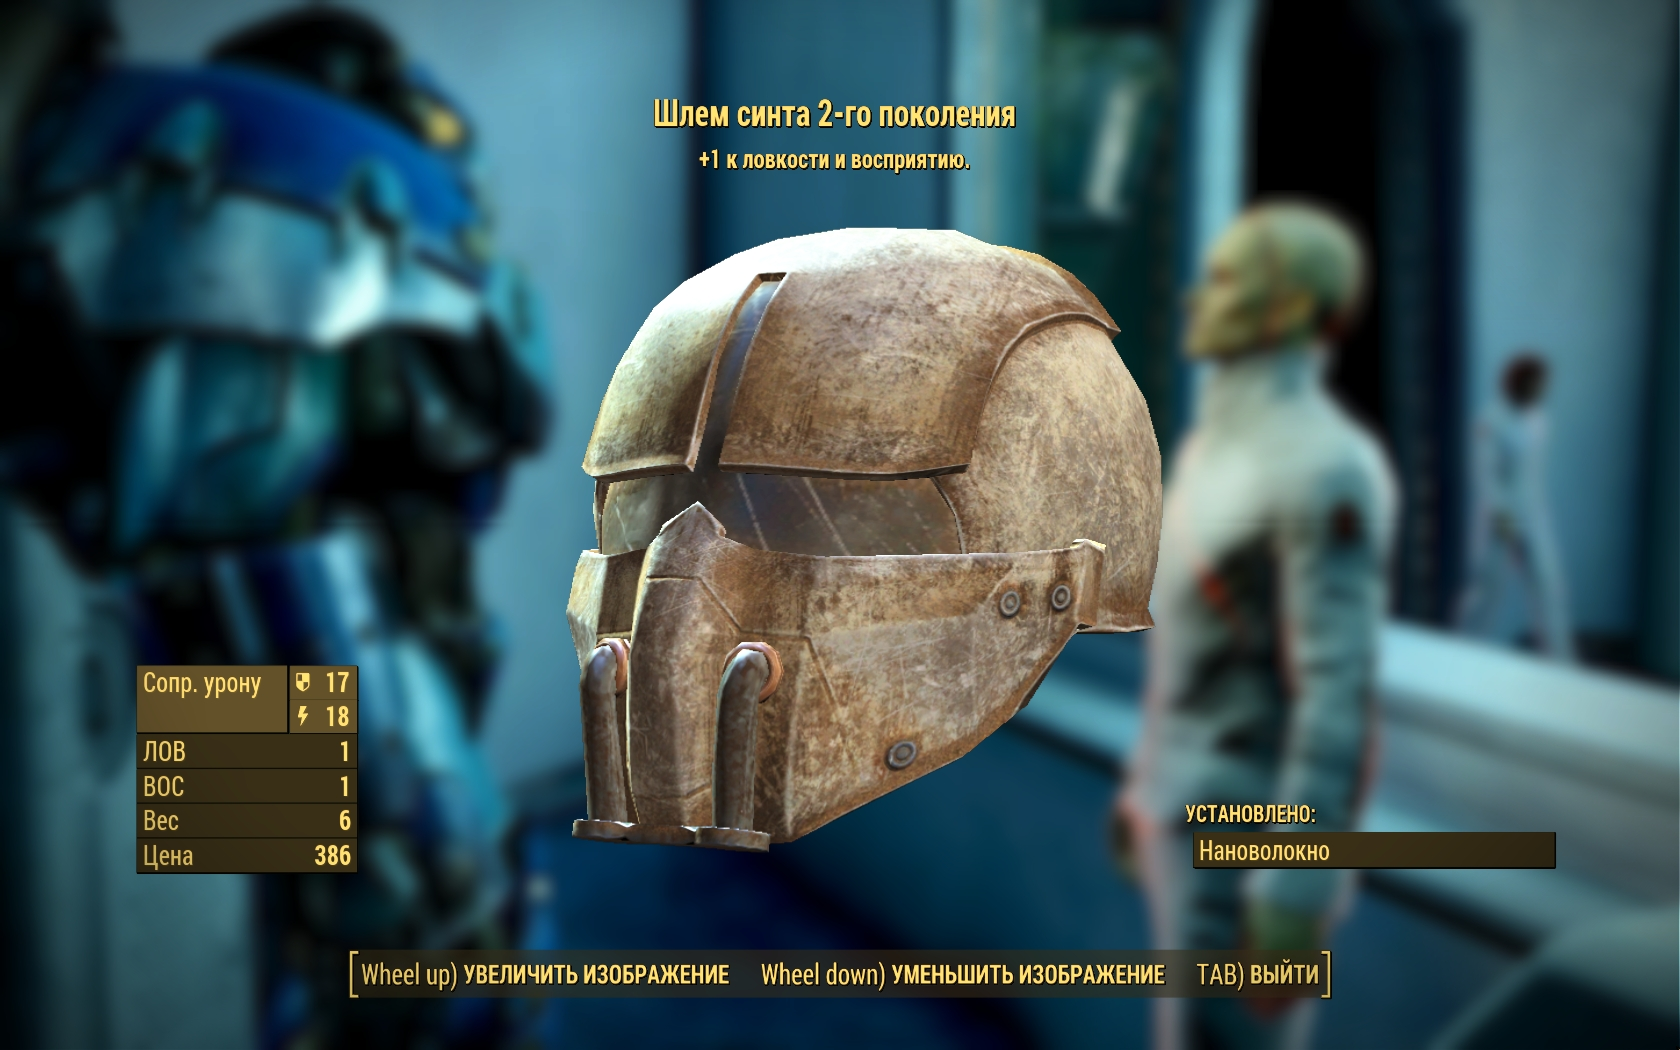 Шлем синта 2-го поколения (Институт, можно купить у синта-торговца) - Fallout 4 броня, Одежда